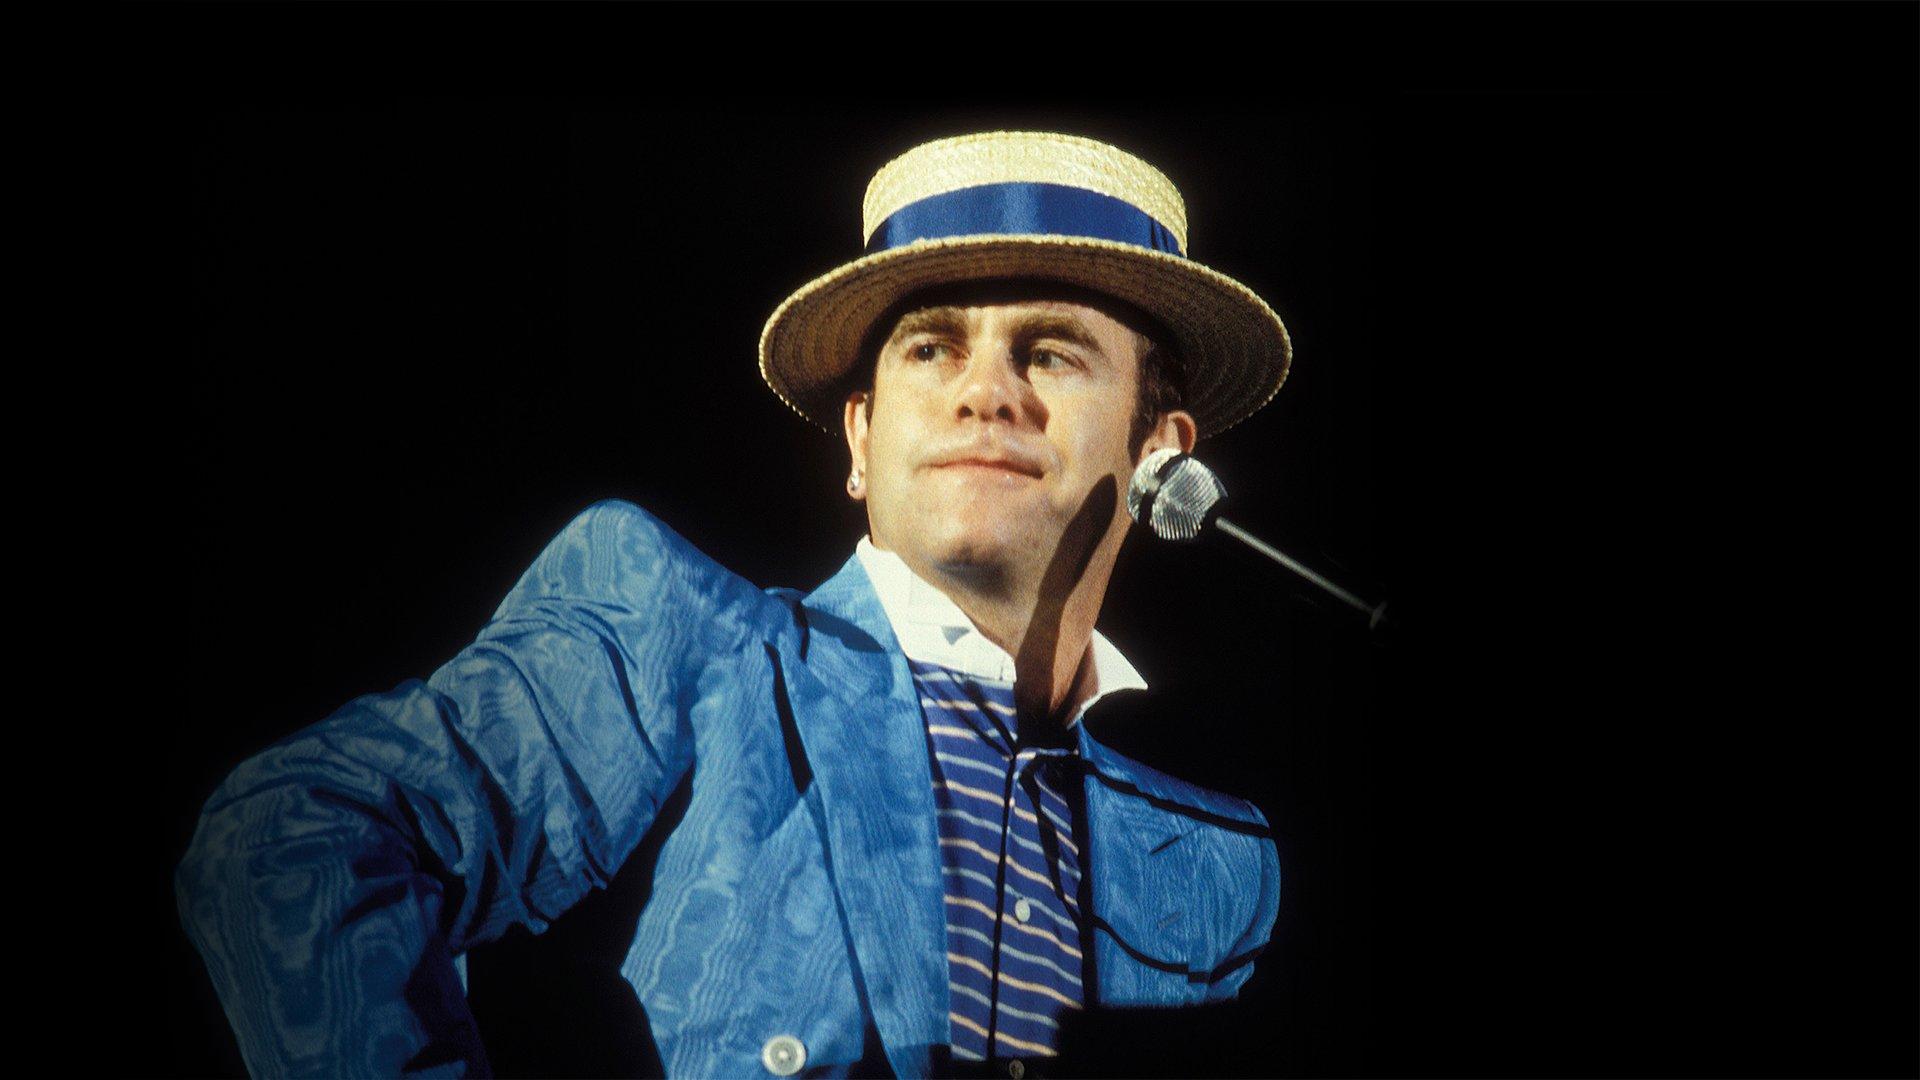 """fond """"J'étais submergé par l'émotion"""" : retour sur l'hommage d'Elton John à la princesse Diana"""